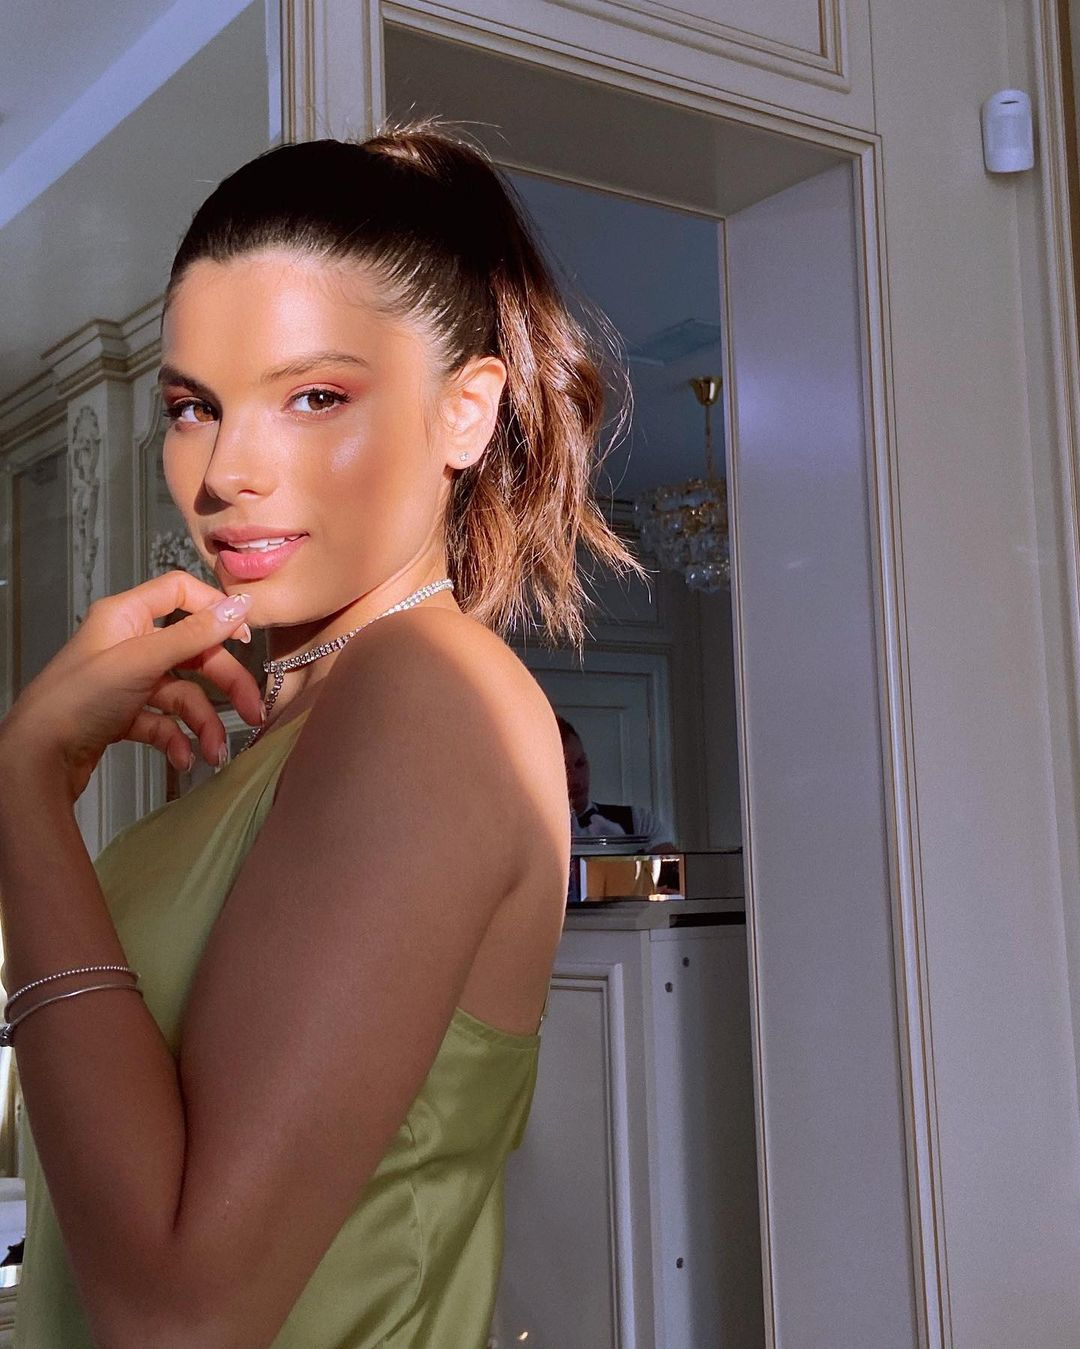 Мишель Андраде удивила поклонников необычным макияжем